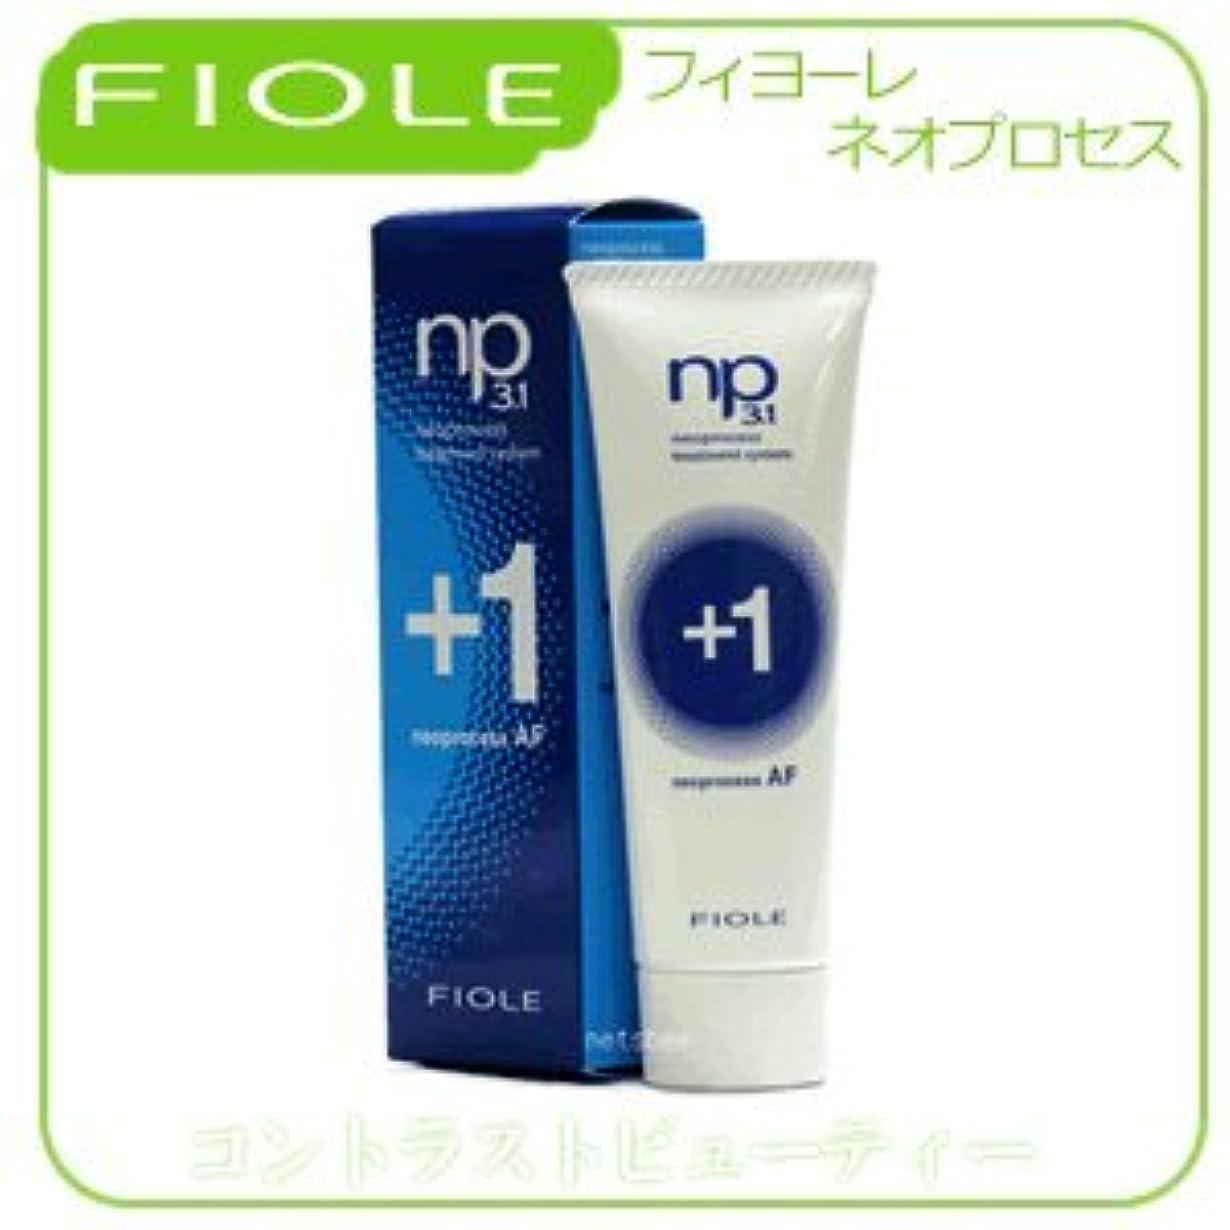 マットレス以上性的【X5個セット】 フィヨーレ NP3.1 ネオプロセス AFプラス1 50g FIOLE ネオプロセス